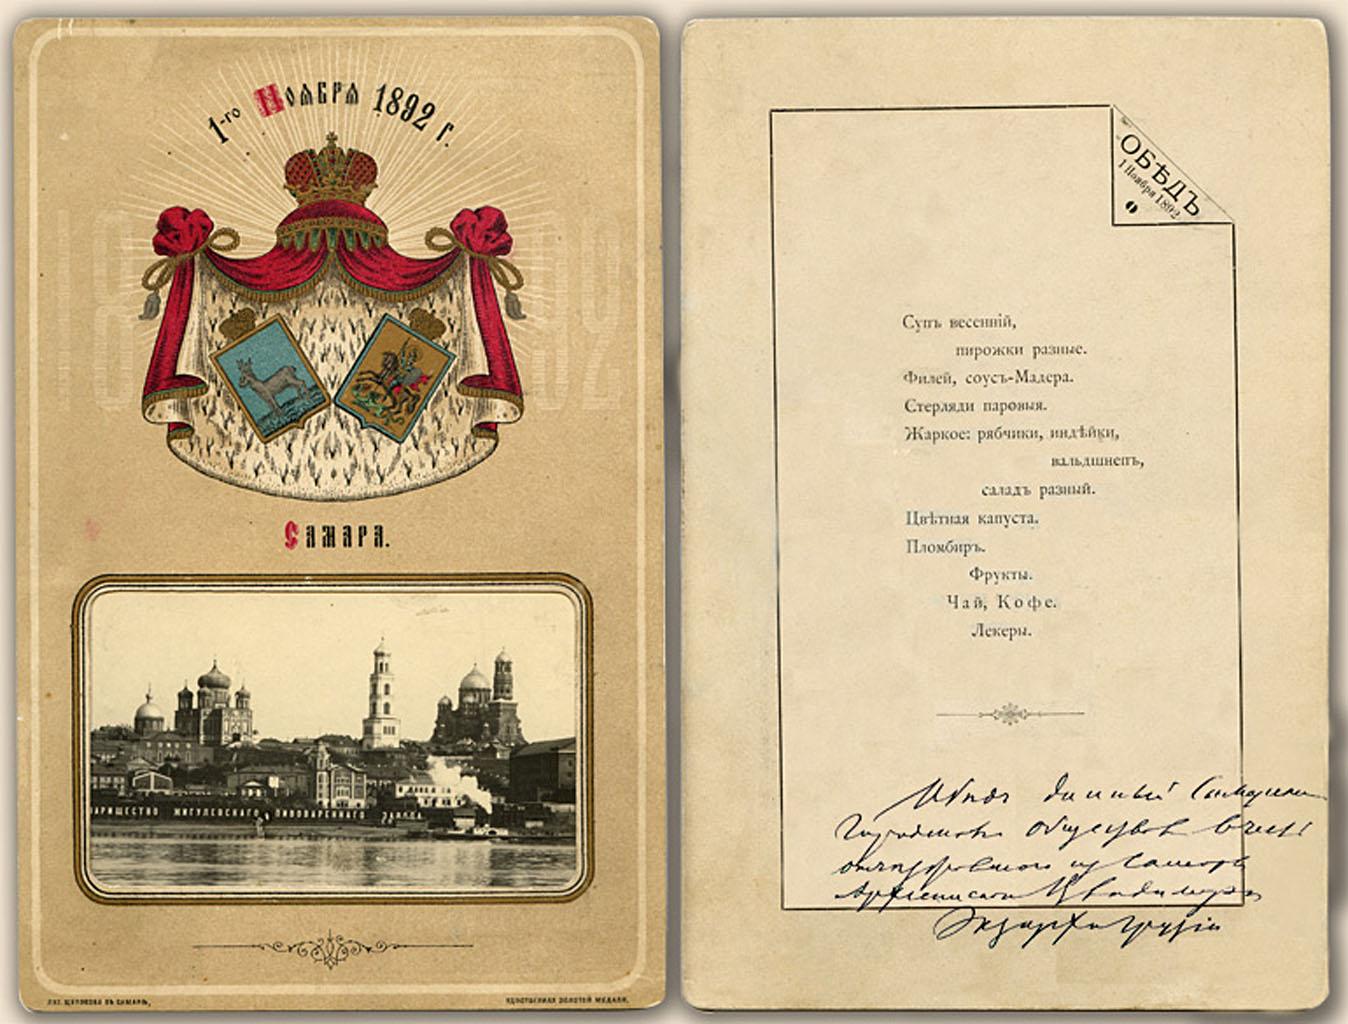 0_919ef_22d117a5_origМеню обеда 1 ноября 1892 г. в честь отъезда из Самары архиепископа Владимира